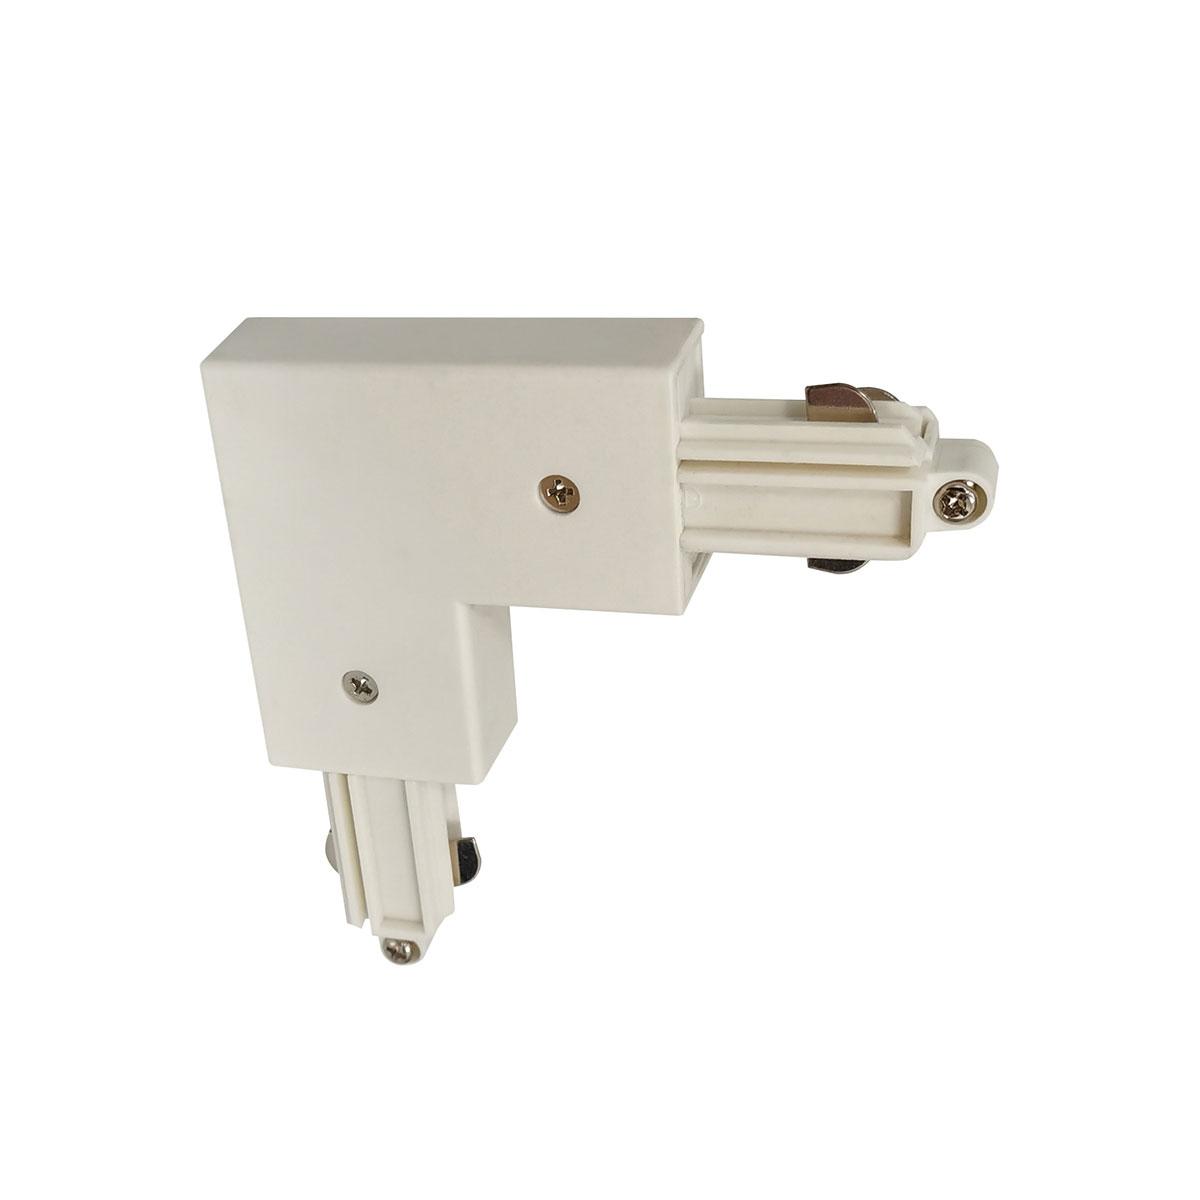 Hoekstuk rail rechts voor witte spanningrail - bocht 90 graden -  Dit hoekstuk rail rechts maakt onderdeel uit van de moderne railverlichting RSWebo-1 van High Light -  Dit moderne 1 fase railsysteem van Highlight  kunt u geheel zelf samenstellen -  Het systeem RSWebo-1 beschikt over verschillende lengtes spanningrail - over cilinder en retro bol spots - allerlei koppelstukken - verbinders - bochten en zelfs een adapter voor een eventuele hanglamp -  De set is geheel op maat door u samen te stellen - aan elkaar te koppelen en te voorzien van het gewenste aantal spots - maar in onze shop verkopen we ook een paar complete sets met of drie of vier spots -  Het hele systeem is leverbaar in de kleuren mat zwart en wit -  Alle items in onze webshop met code RSWebo-1 - passen bij elkaar -  De spots zijn te verschuiven - draaibaar en kantelbaar -  De aansluitvoeding zit aan het begin van de rail daar zit ook het kroonsteentje om de aansluiting te maken -  De spots binnen de serie RSWebo-1 zijn geschikt voor een GU10 LED lichtbron van maximaal 35 Watt -  De spots zijn ook dimbaar te maken met een externe wanddimmer (exclusief) -  O5111 - 00